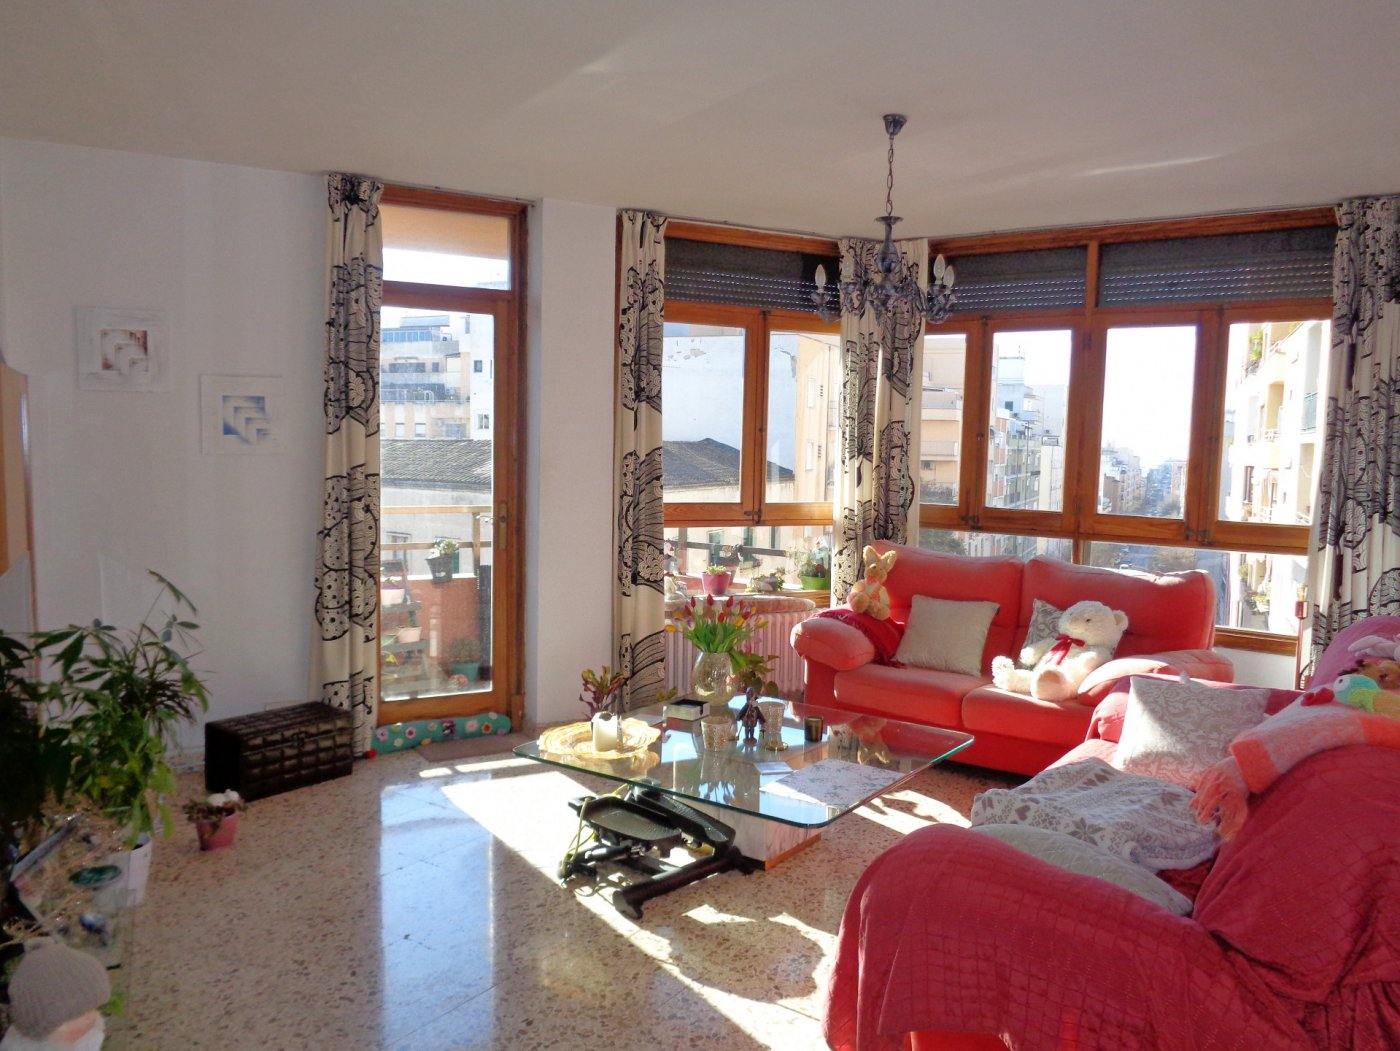 Appartement  Palma de mallorca ,son espanyolet. Ático con terraza en son espanyolet